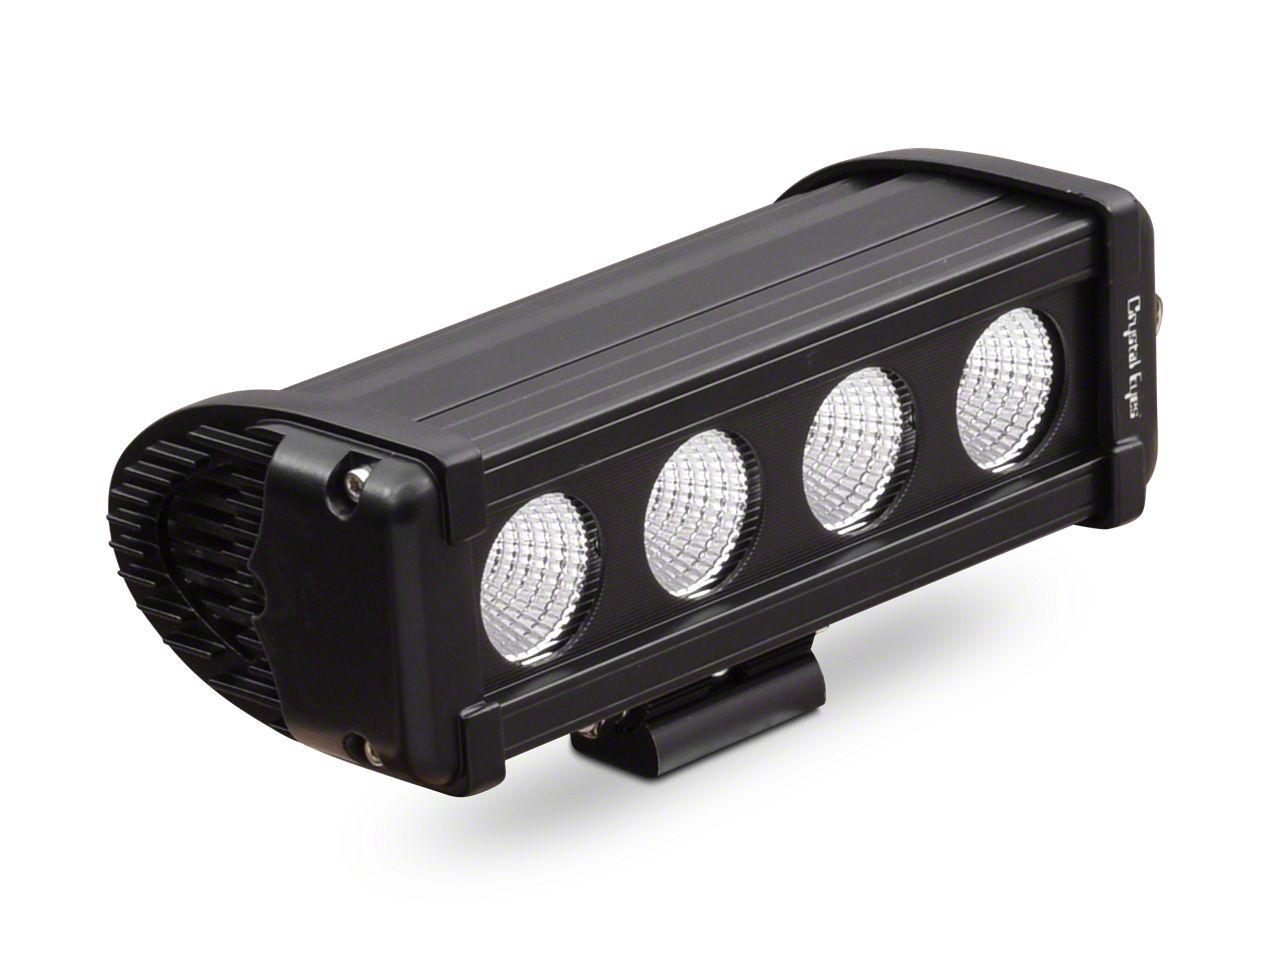 Alteon 8 in. 8 Series LED Light Bar - 60 Degree Flood Beam